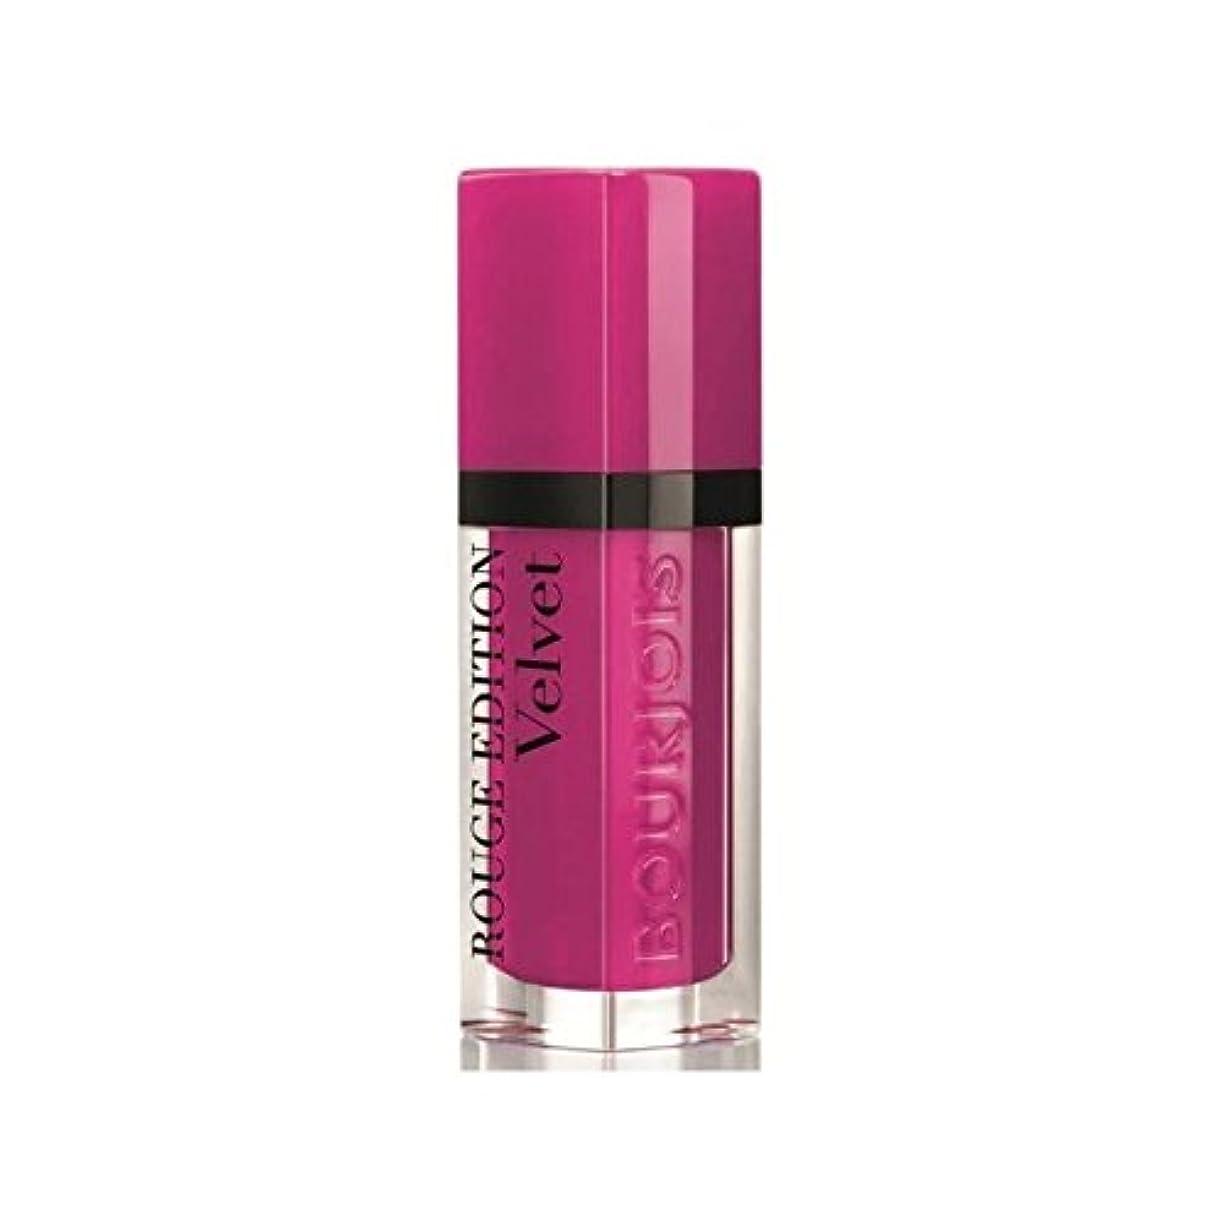 継承遠足ゴールドBourjois Rouge Edition Velvet lipstick Pink Pong 6 - ブルジョワルージュ版ベルベットの口紅ピンクピンポン6 [並行輸入品]